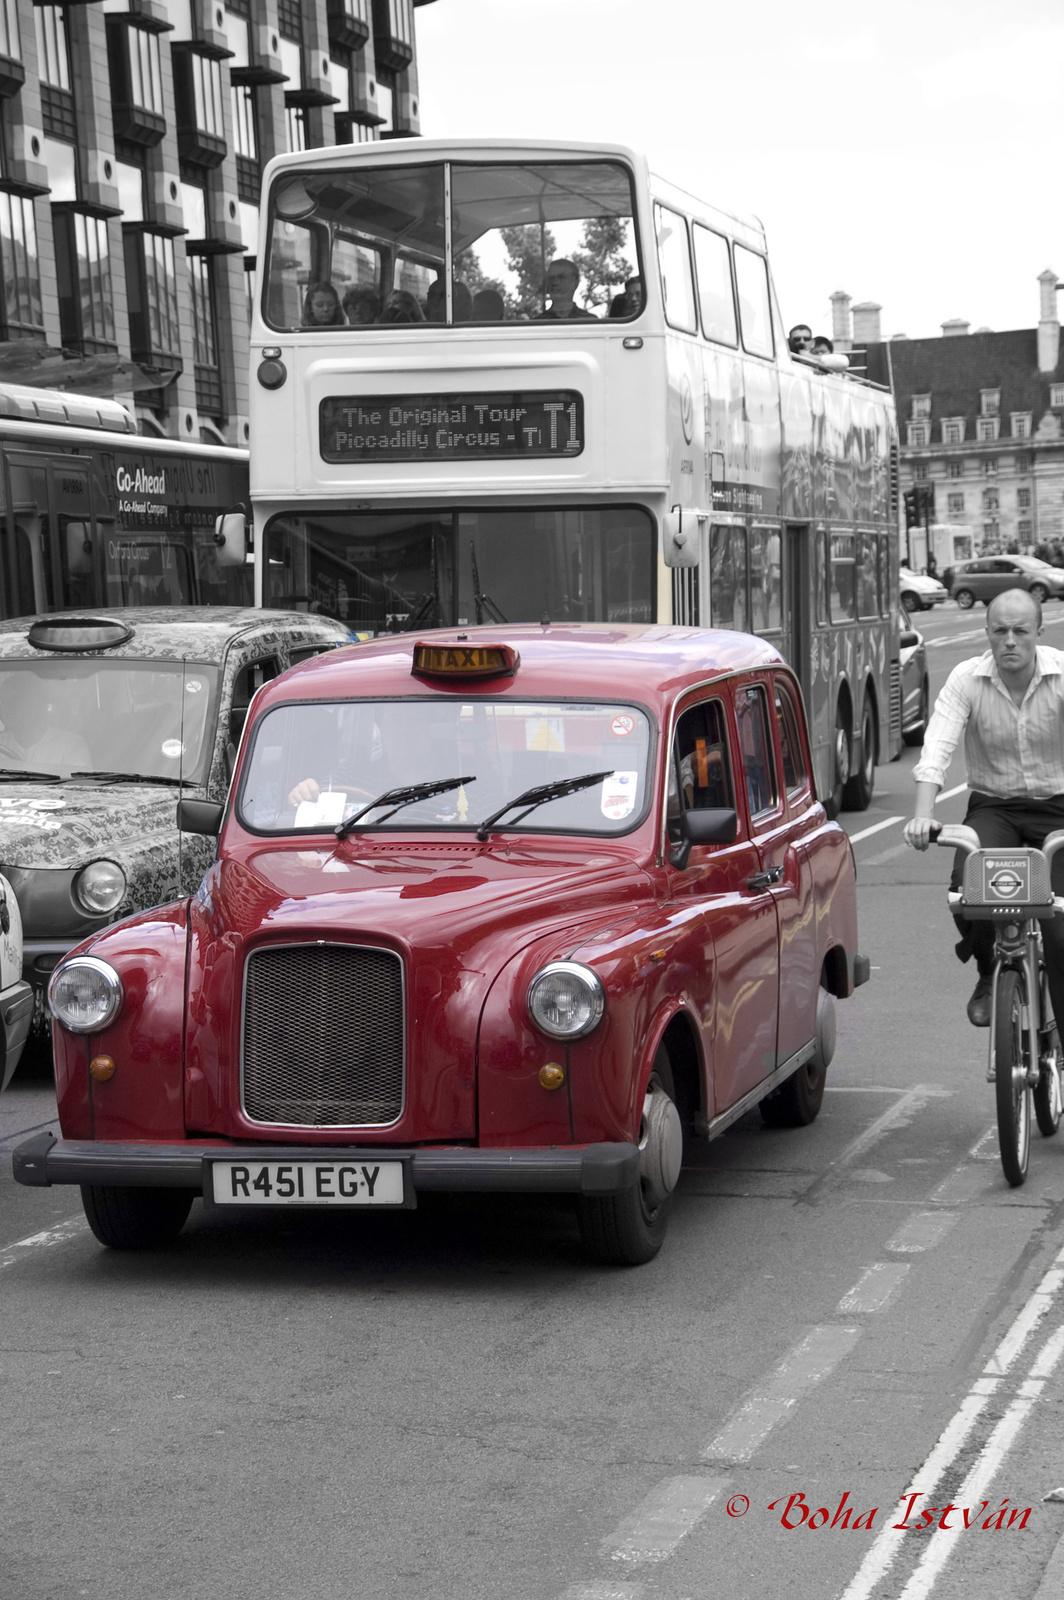 Piros Taxi Londonban